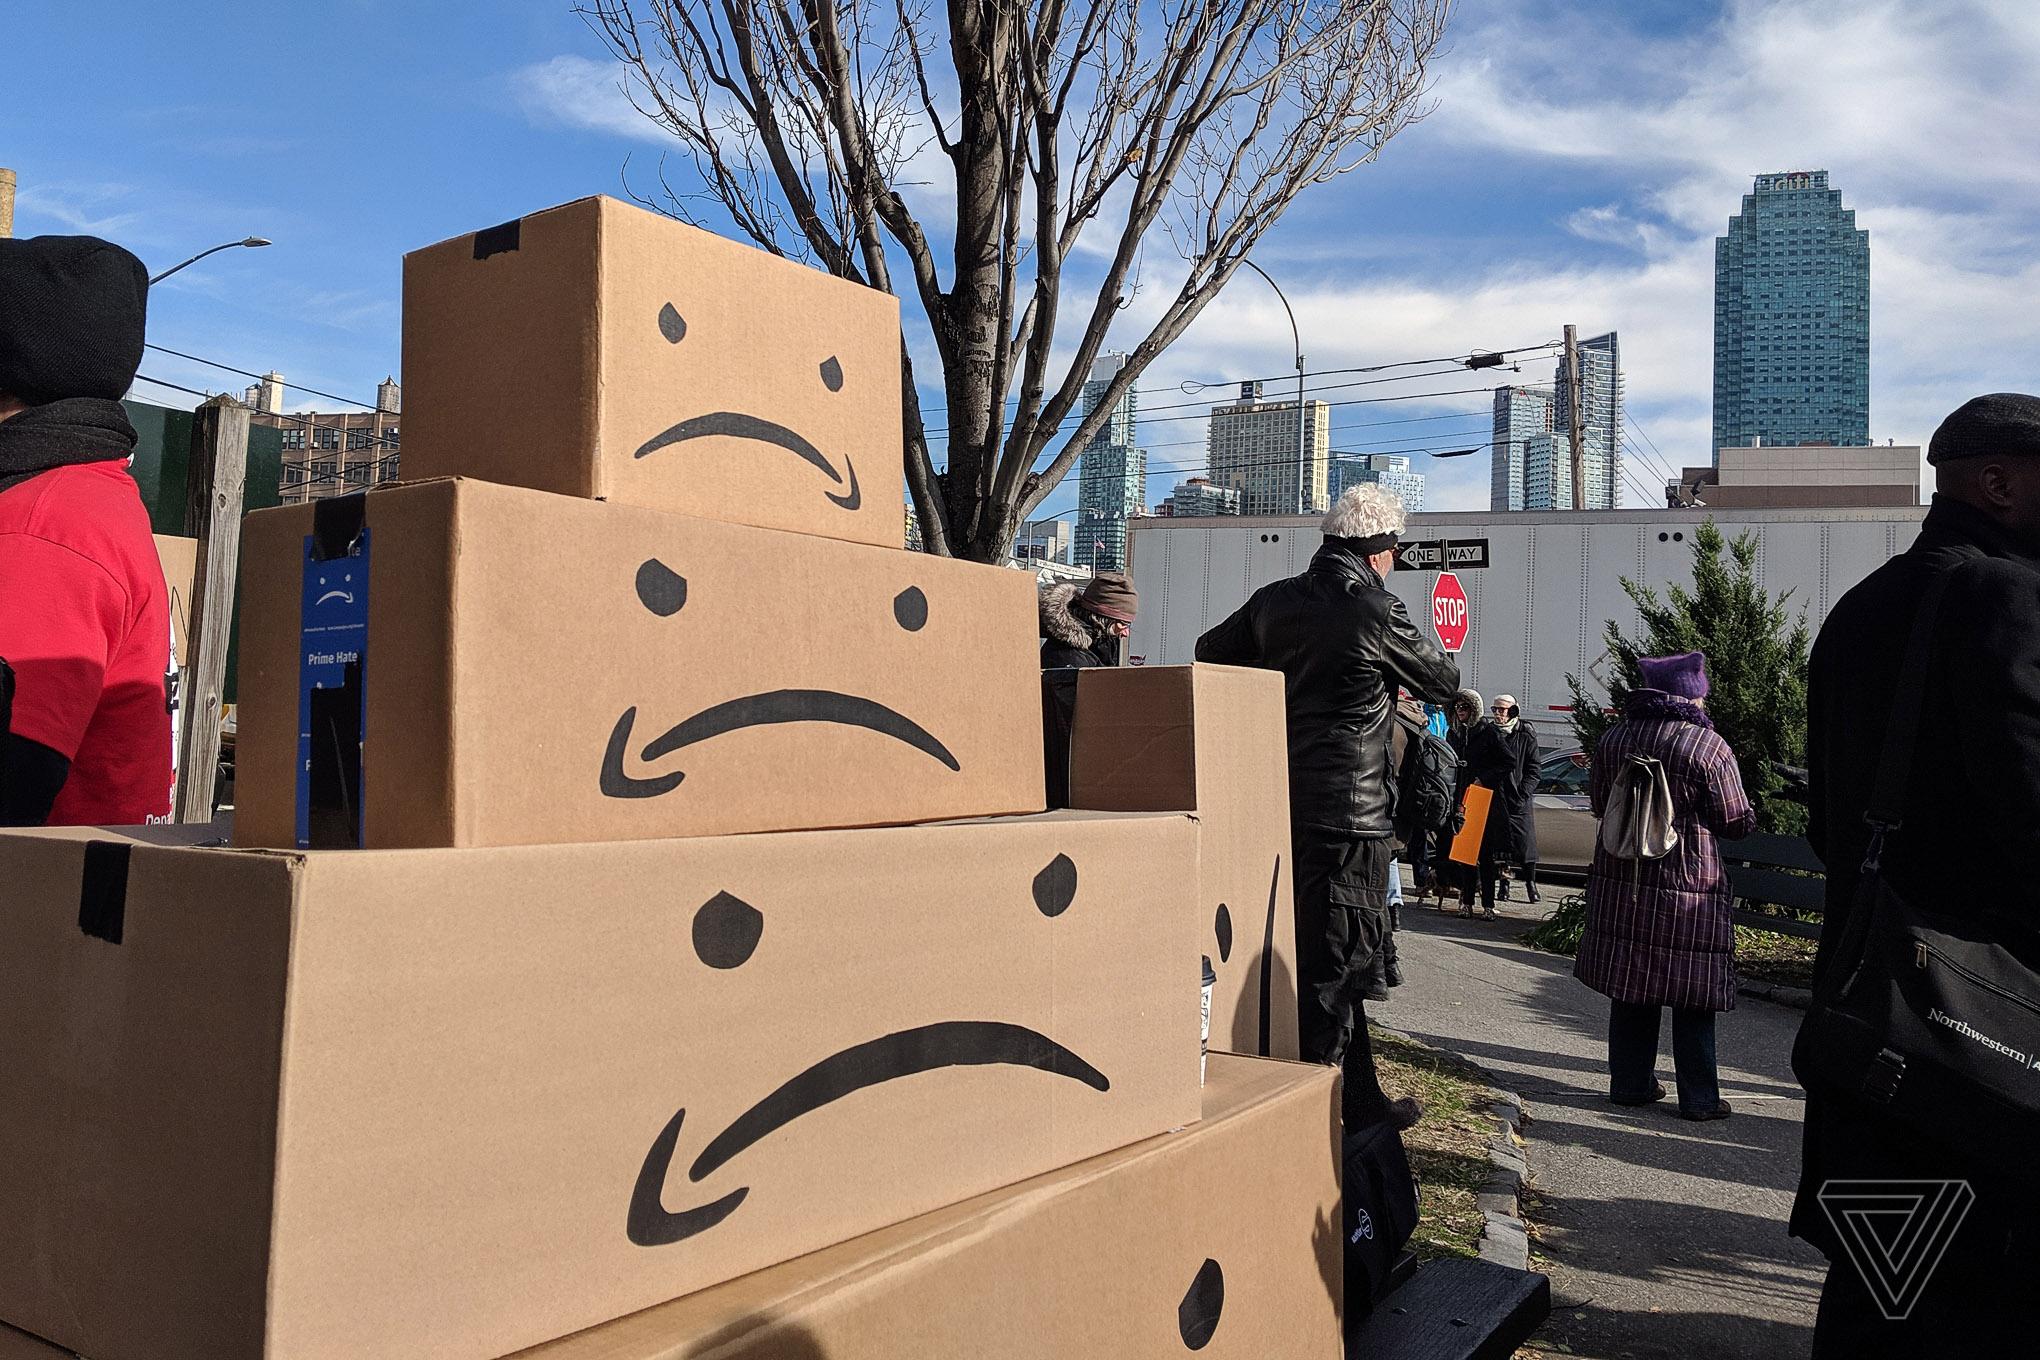 Amazon Prime Day 2019 - The Verge